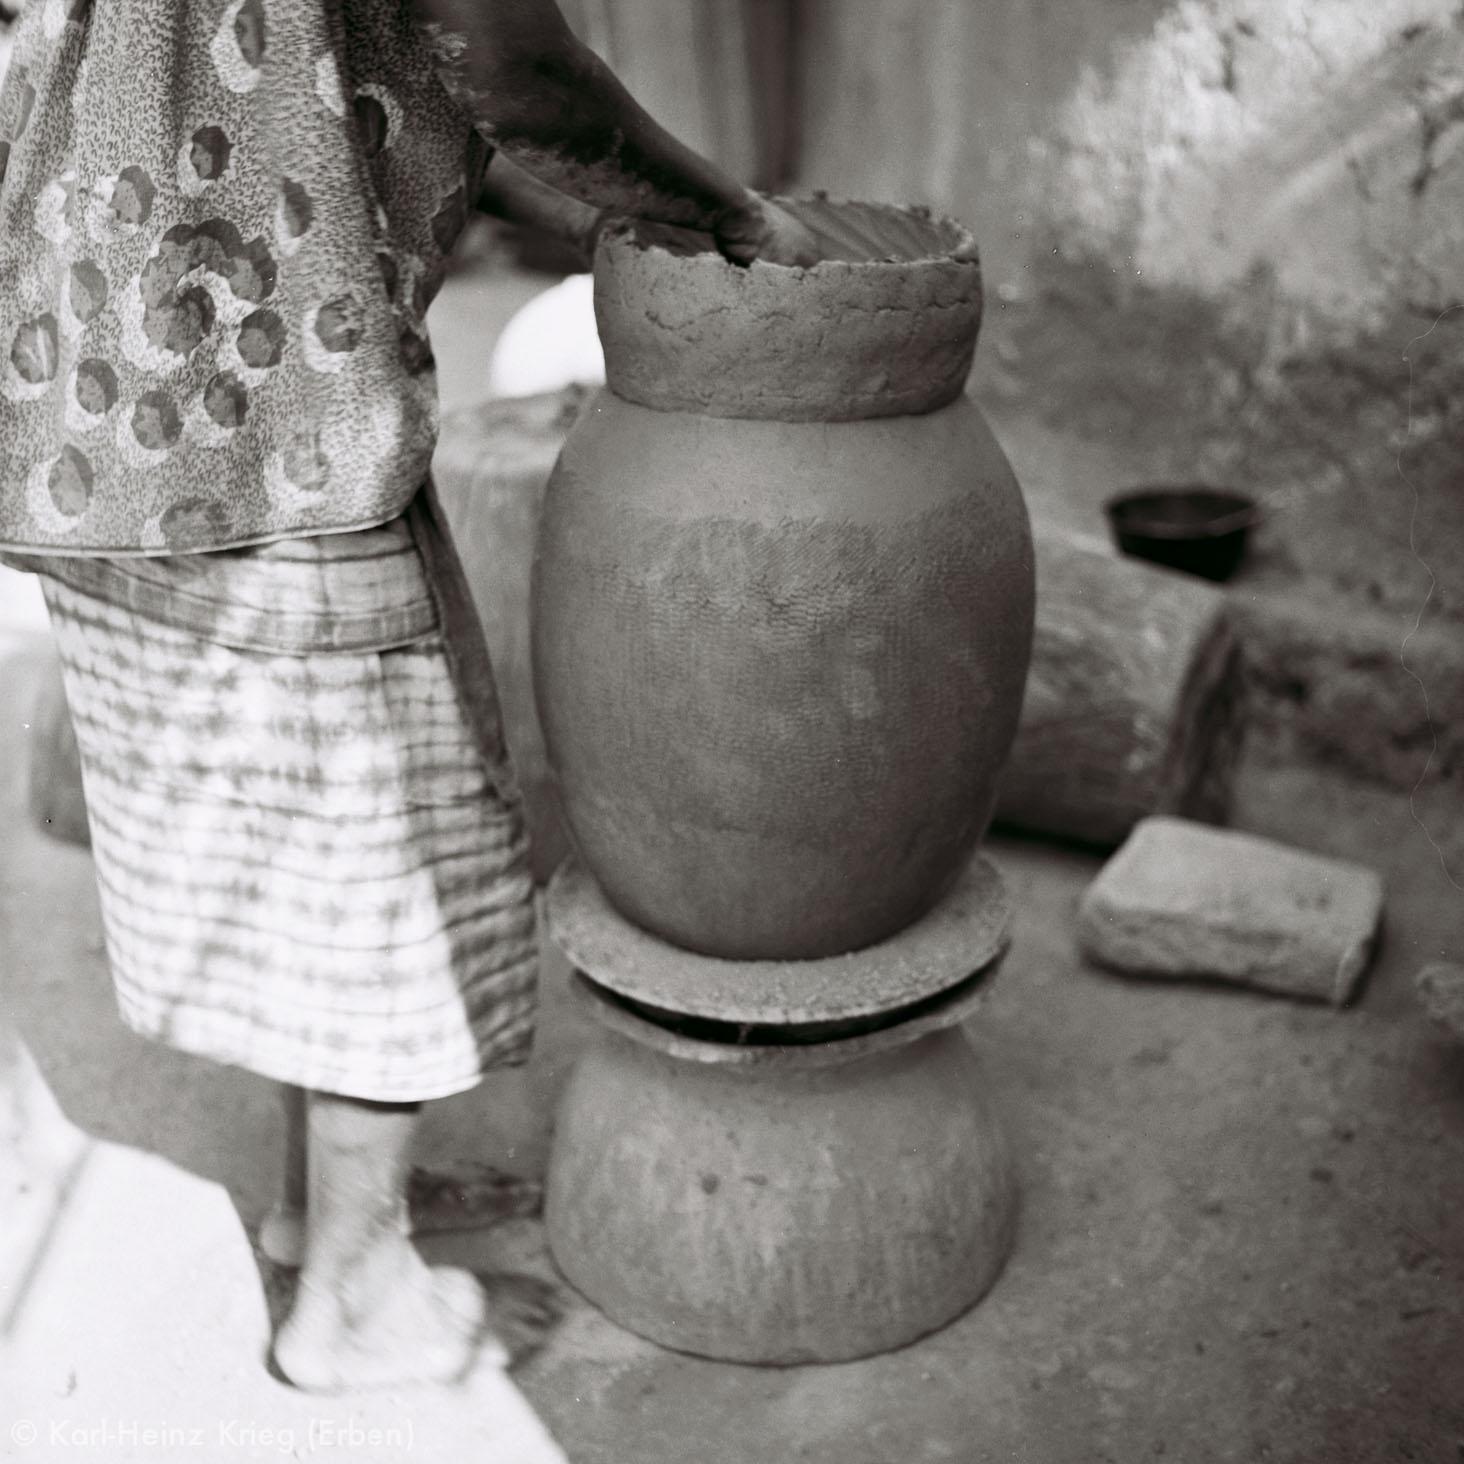 Numu -Töpferin formt den Hals eines Gefäßes. Foto: Karl-Heinz Krieg, Gbon (Region von Boundiali, Côte d'Ivoire), 1965